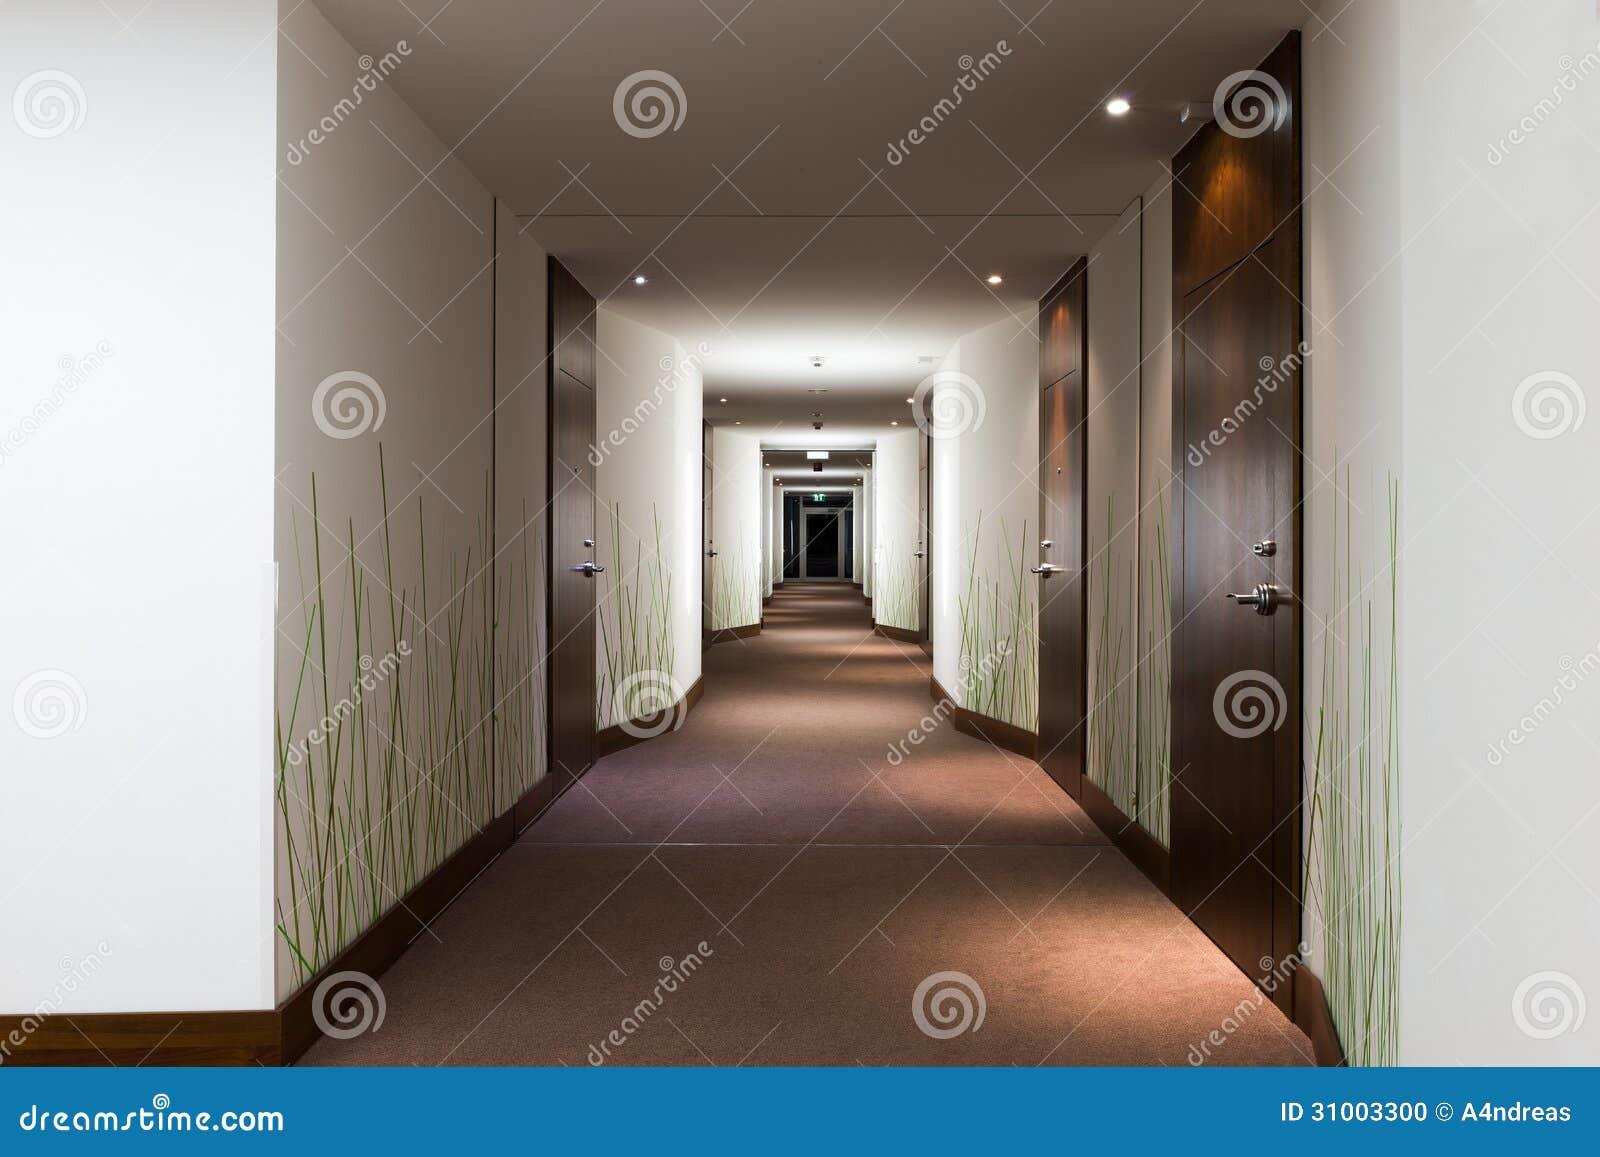 Long hotel corridor stock photo image of indoors business 31003300 - Wallpaper corridor ...